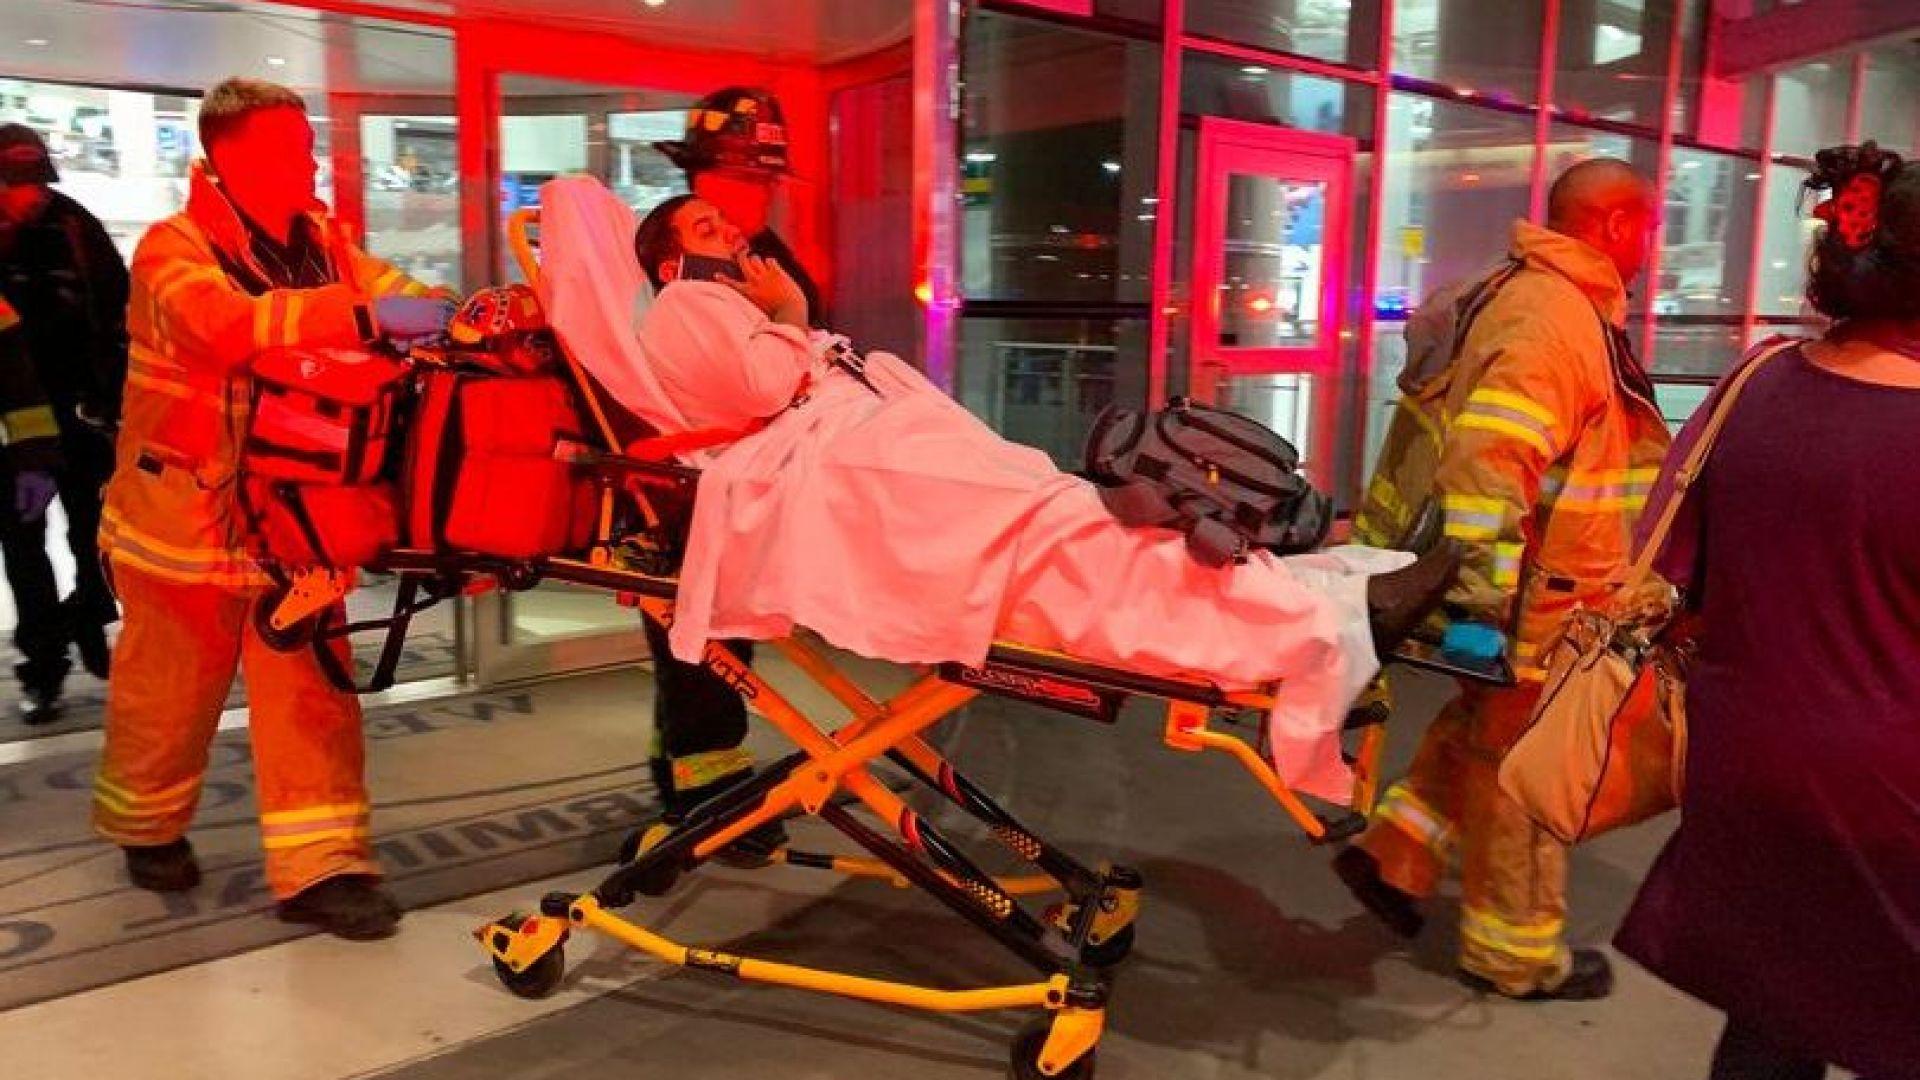 30 души пострадаха след кошмарна турбуленция в пътнически самолет